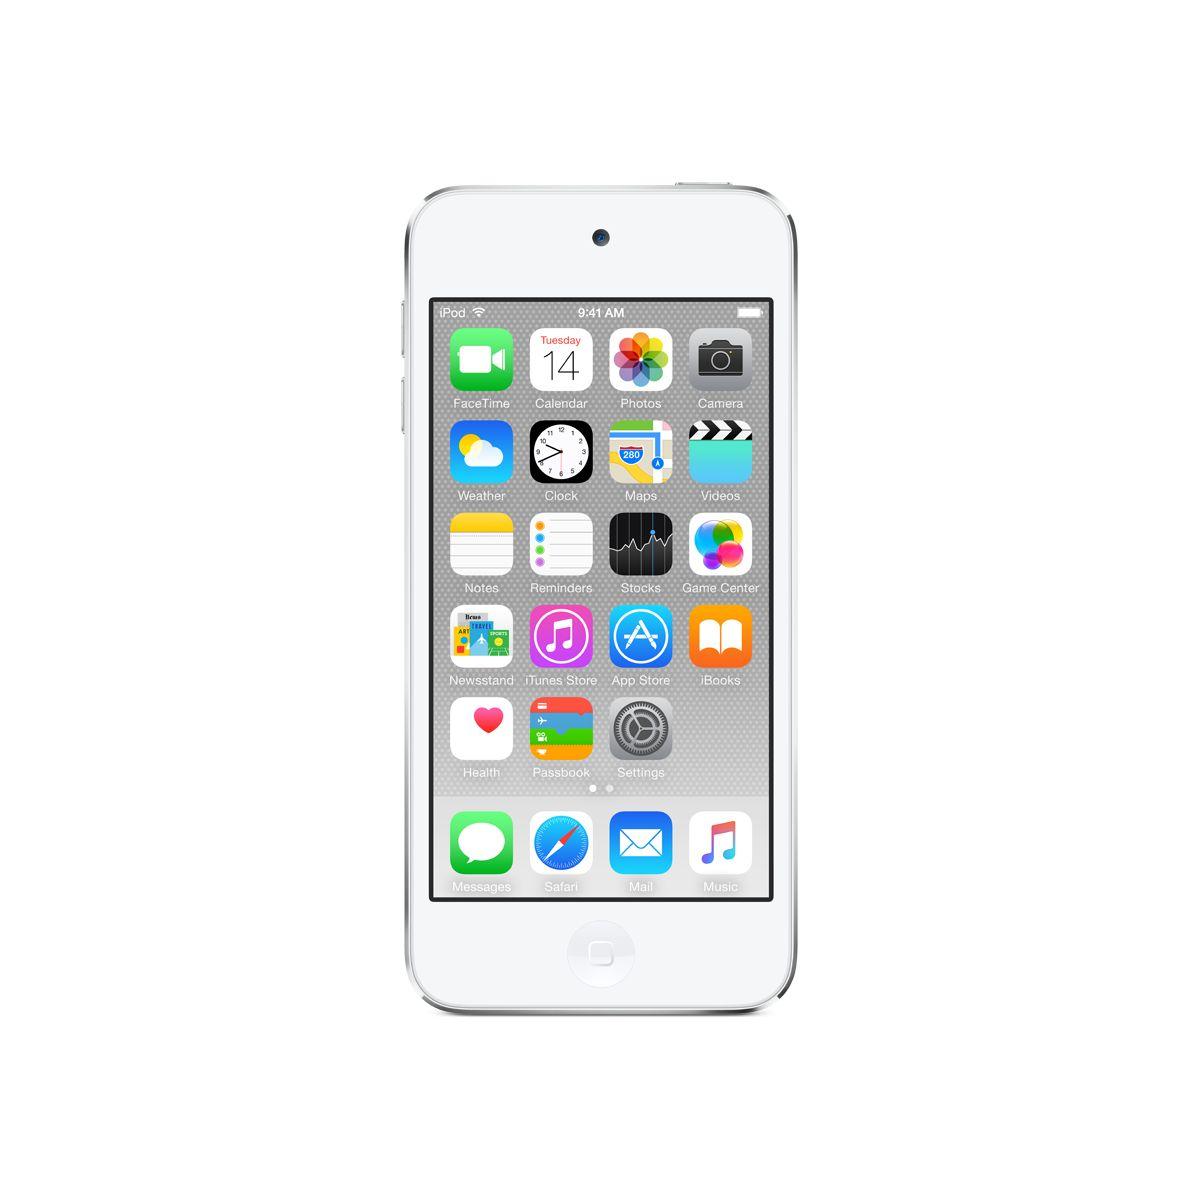 Apple ipod touch 32 go argent - 2% de remise immédiate avec le code : top2 (photo)